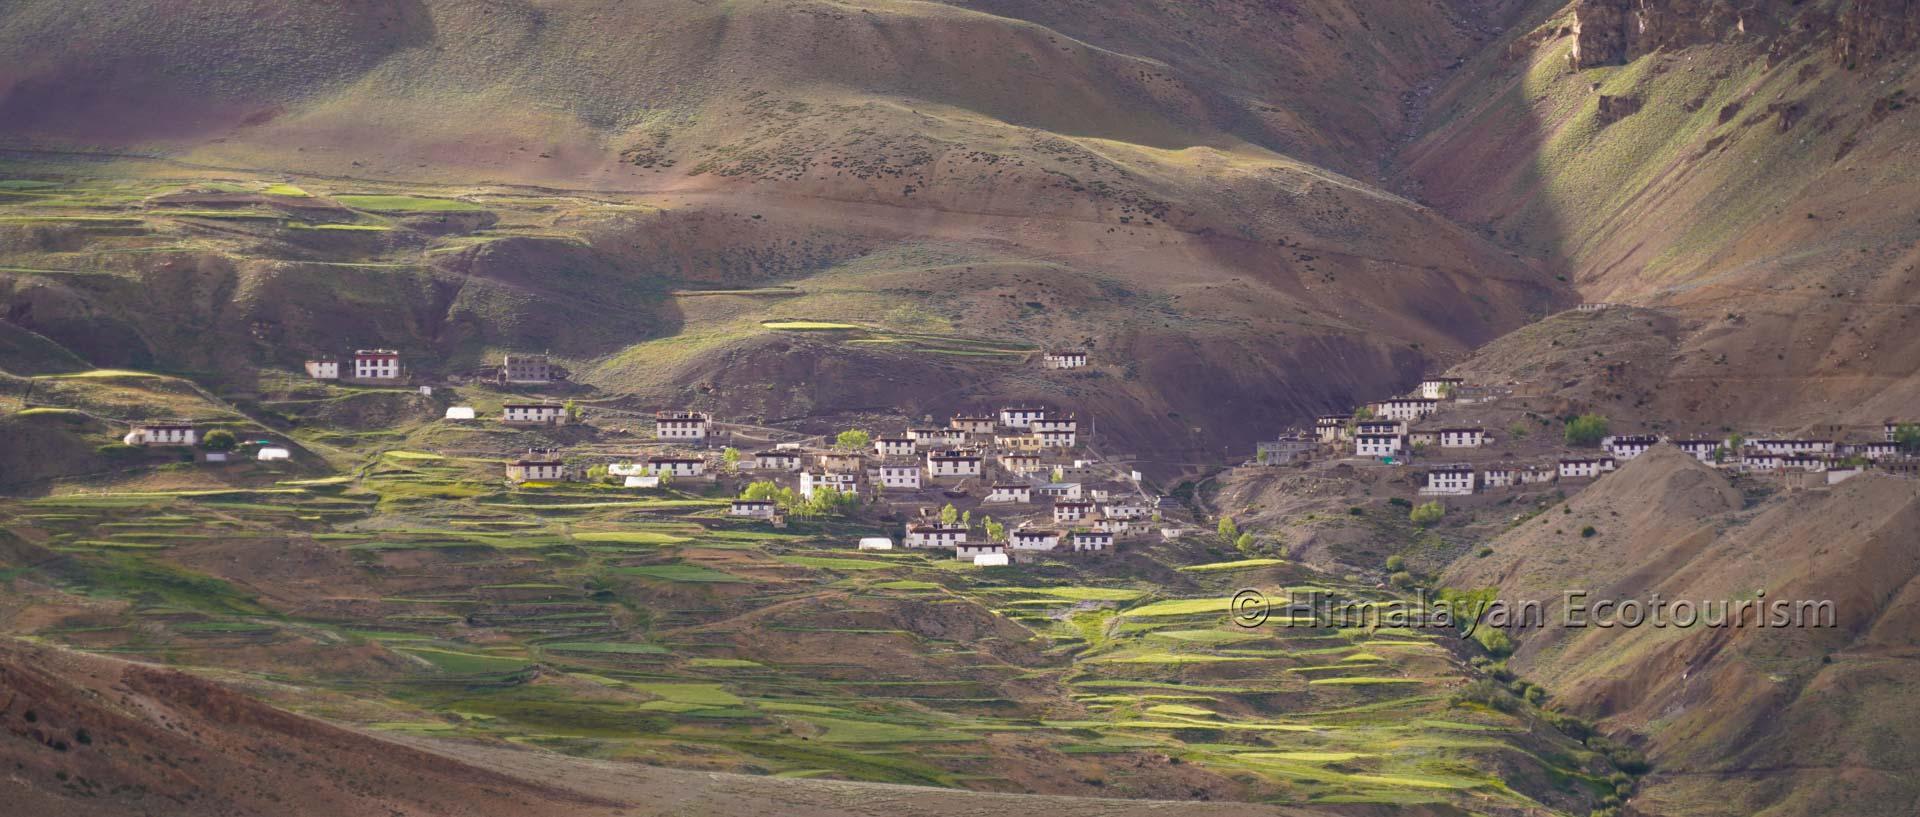 Village d'altitude dans la vallée de la Spiti